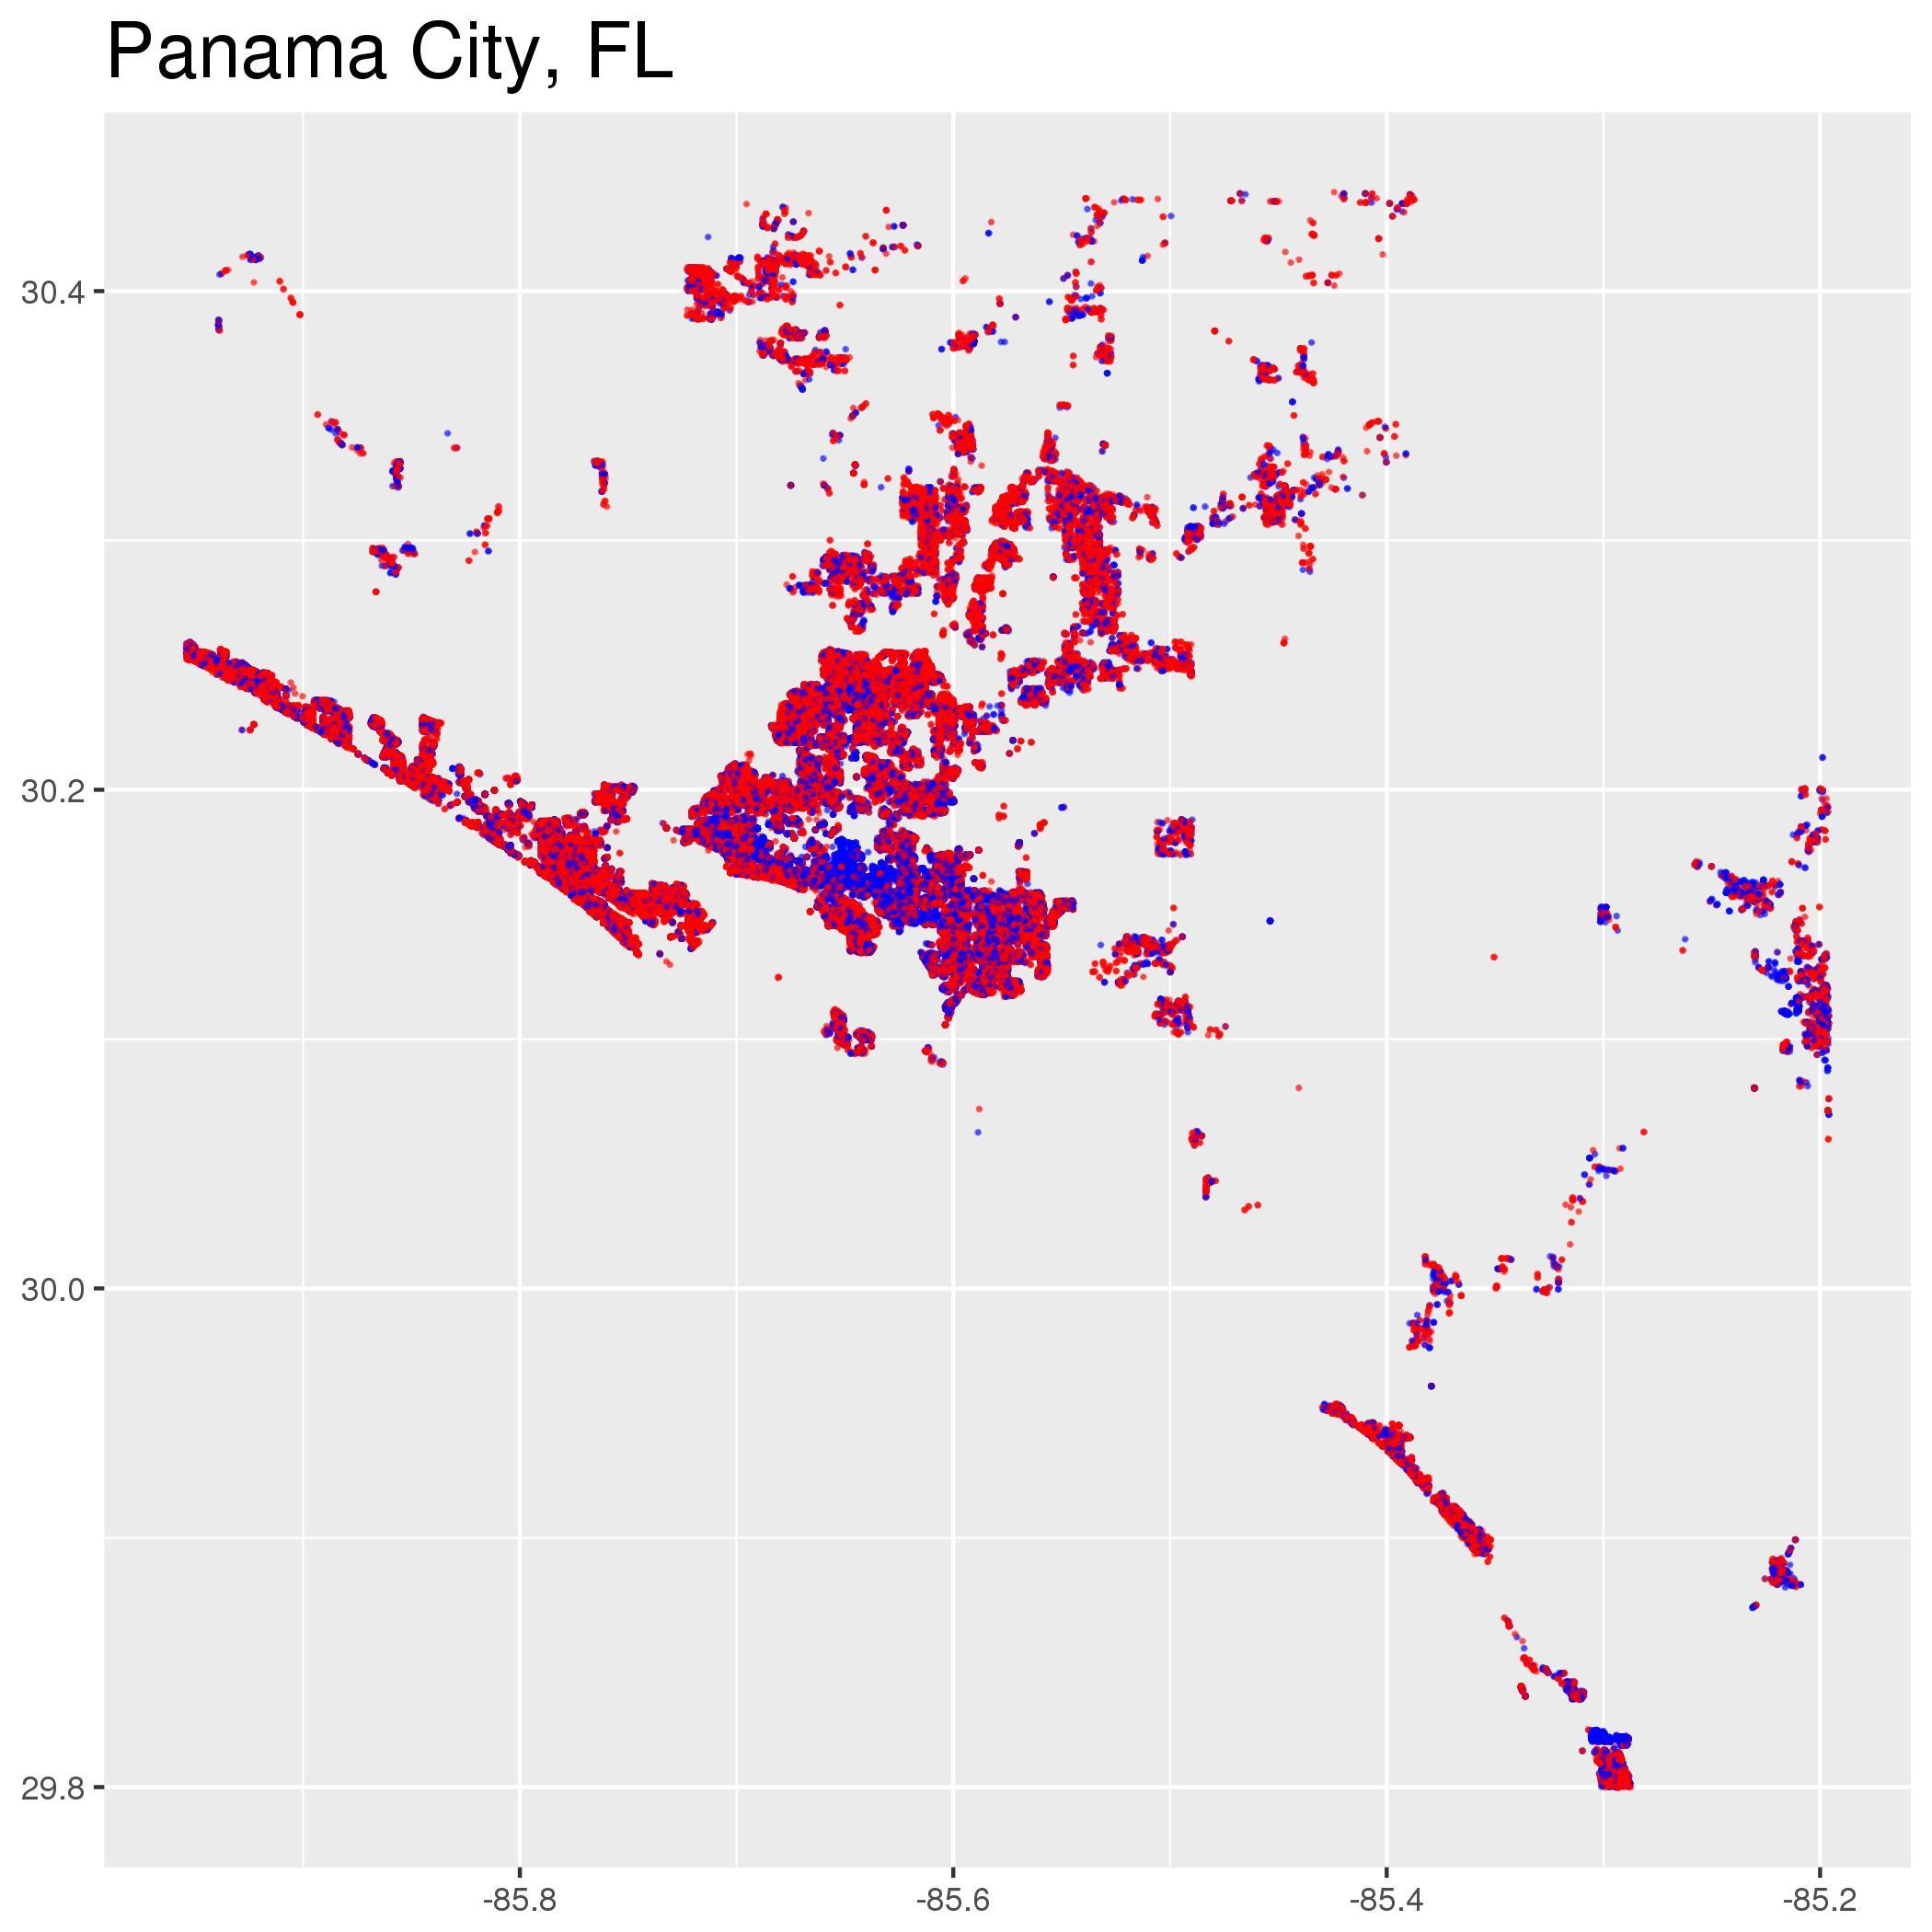 PanamaCityFL.jpeg